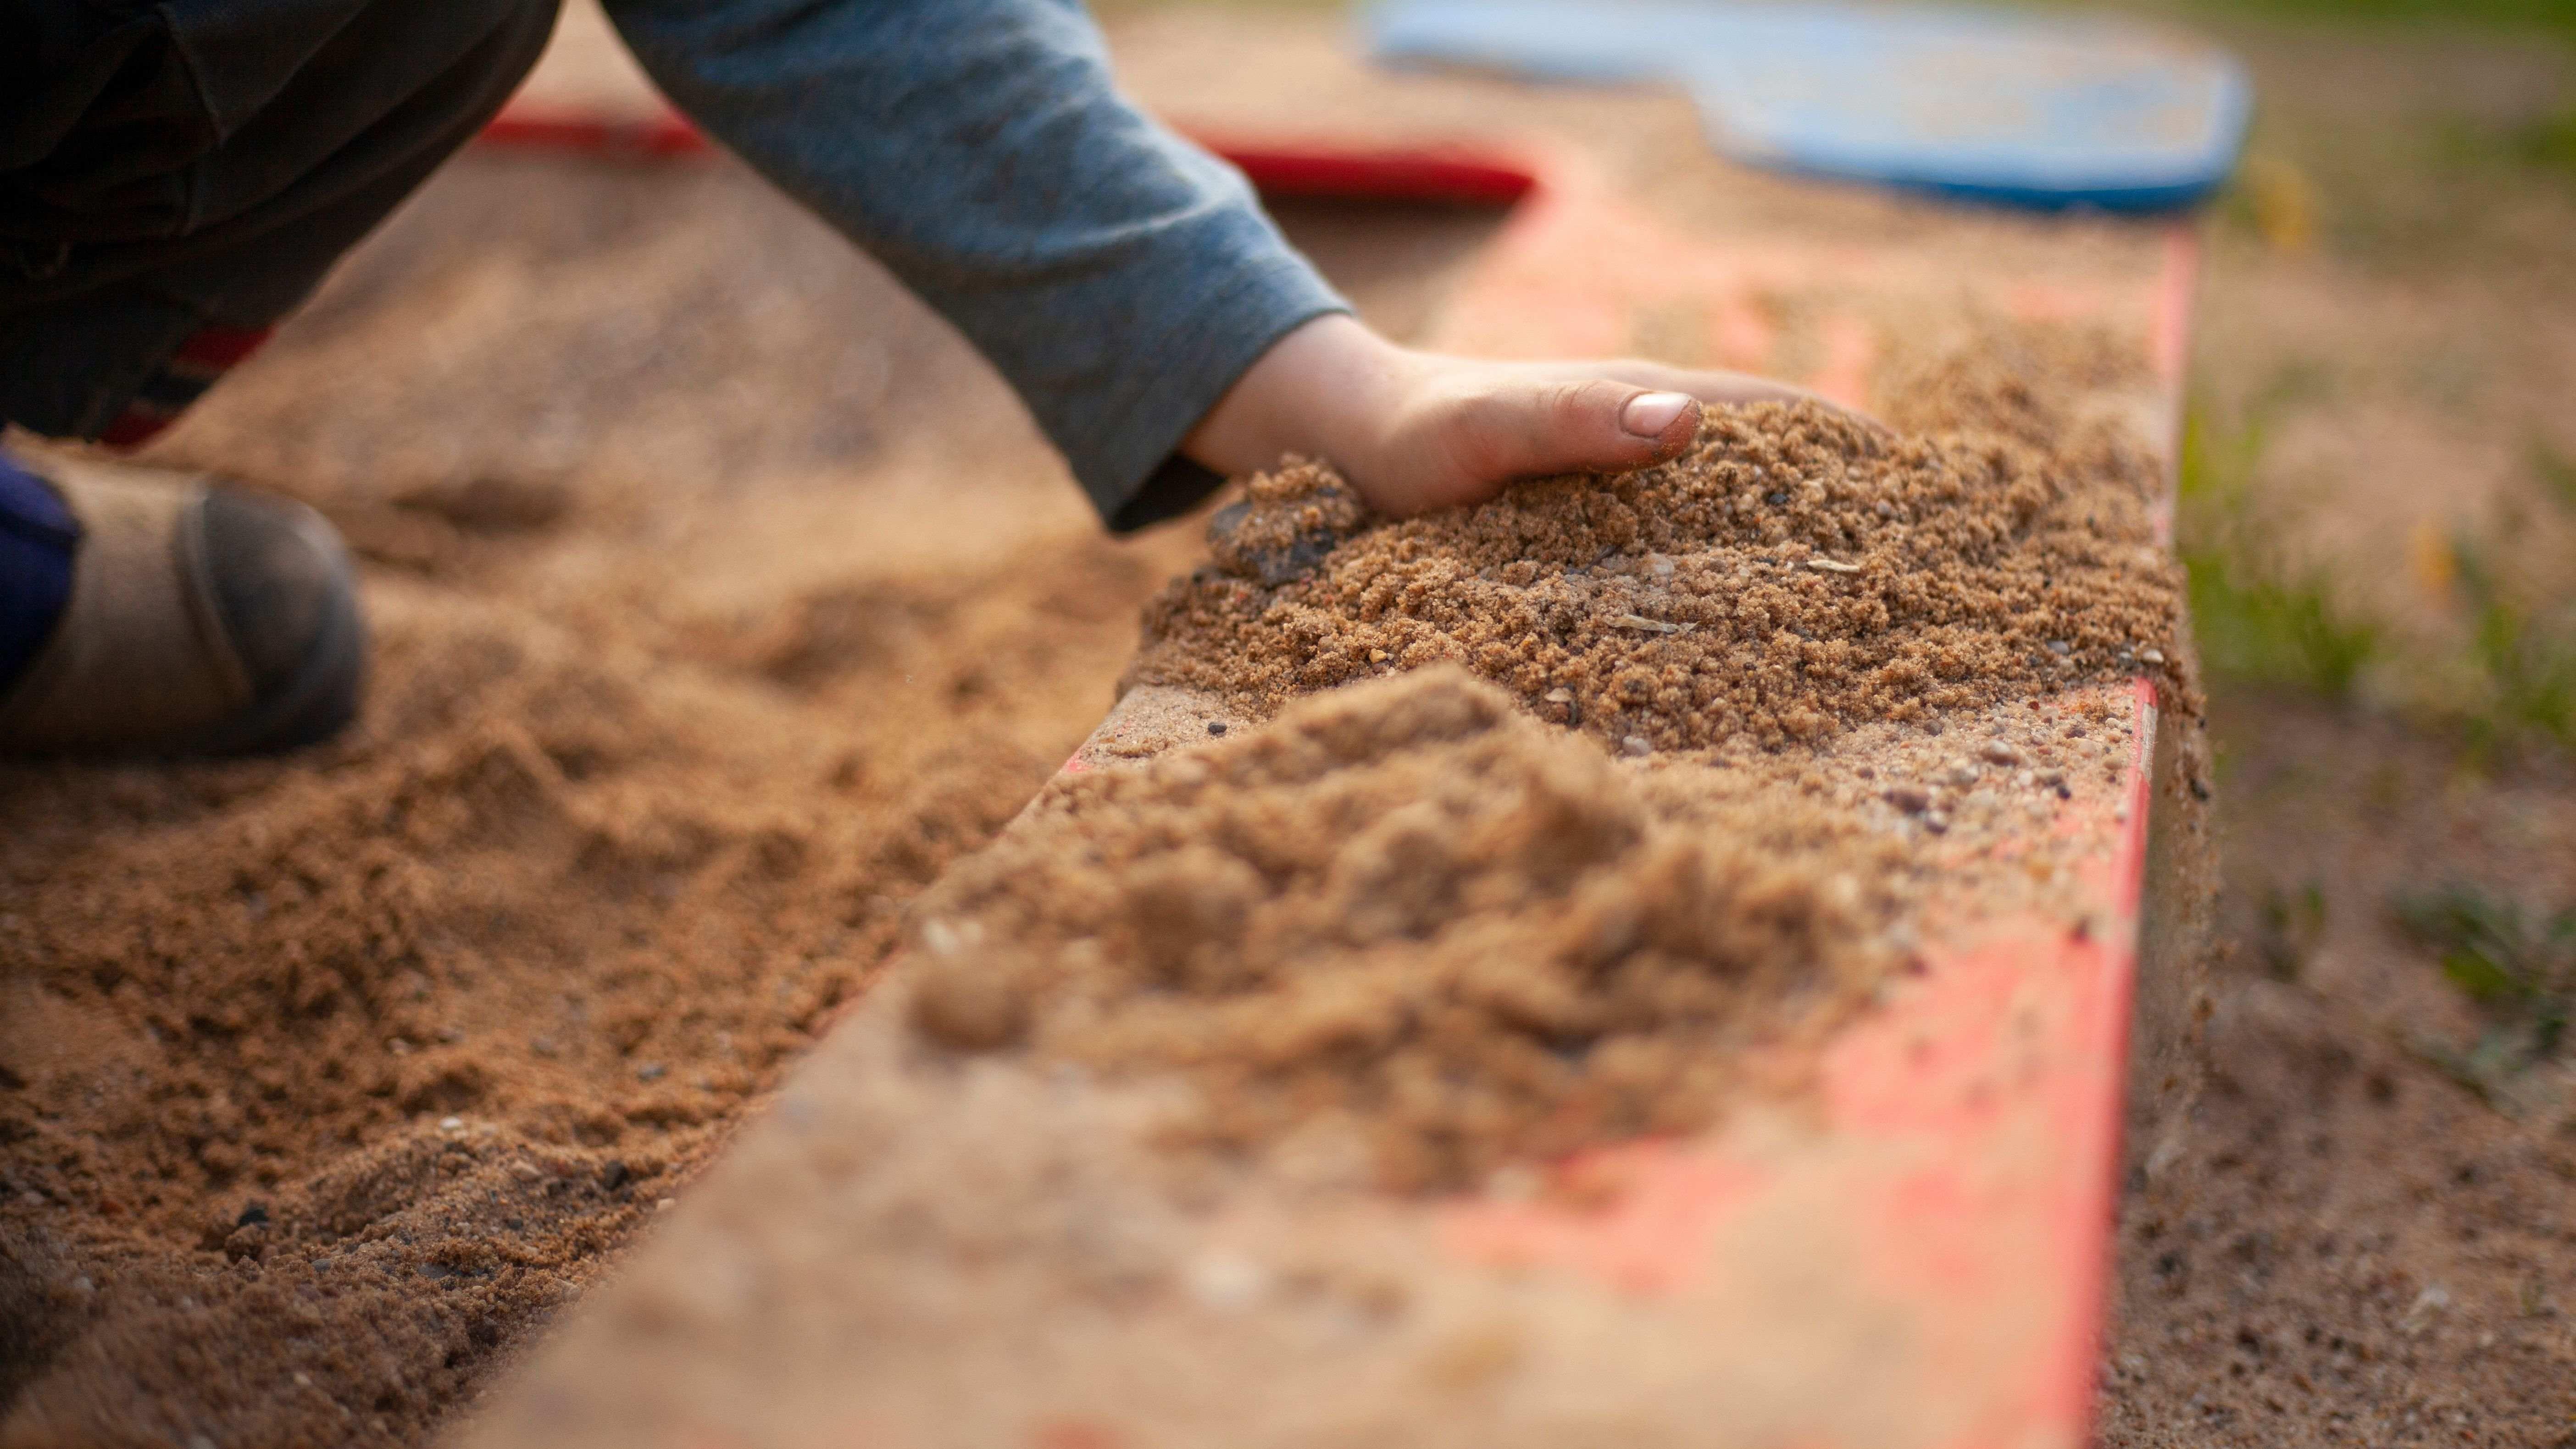 Comment choisir un bac à sable